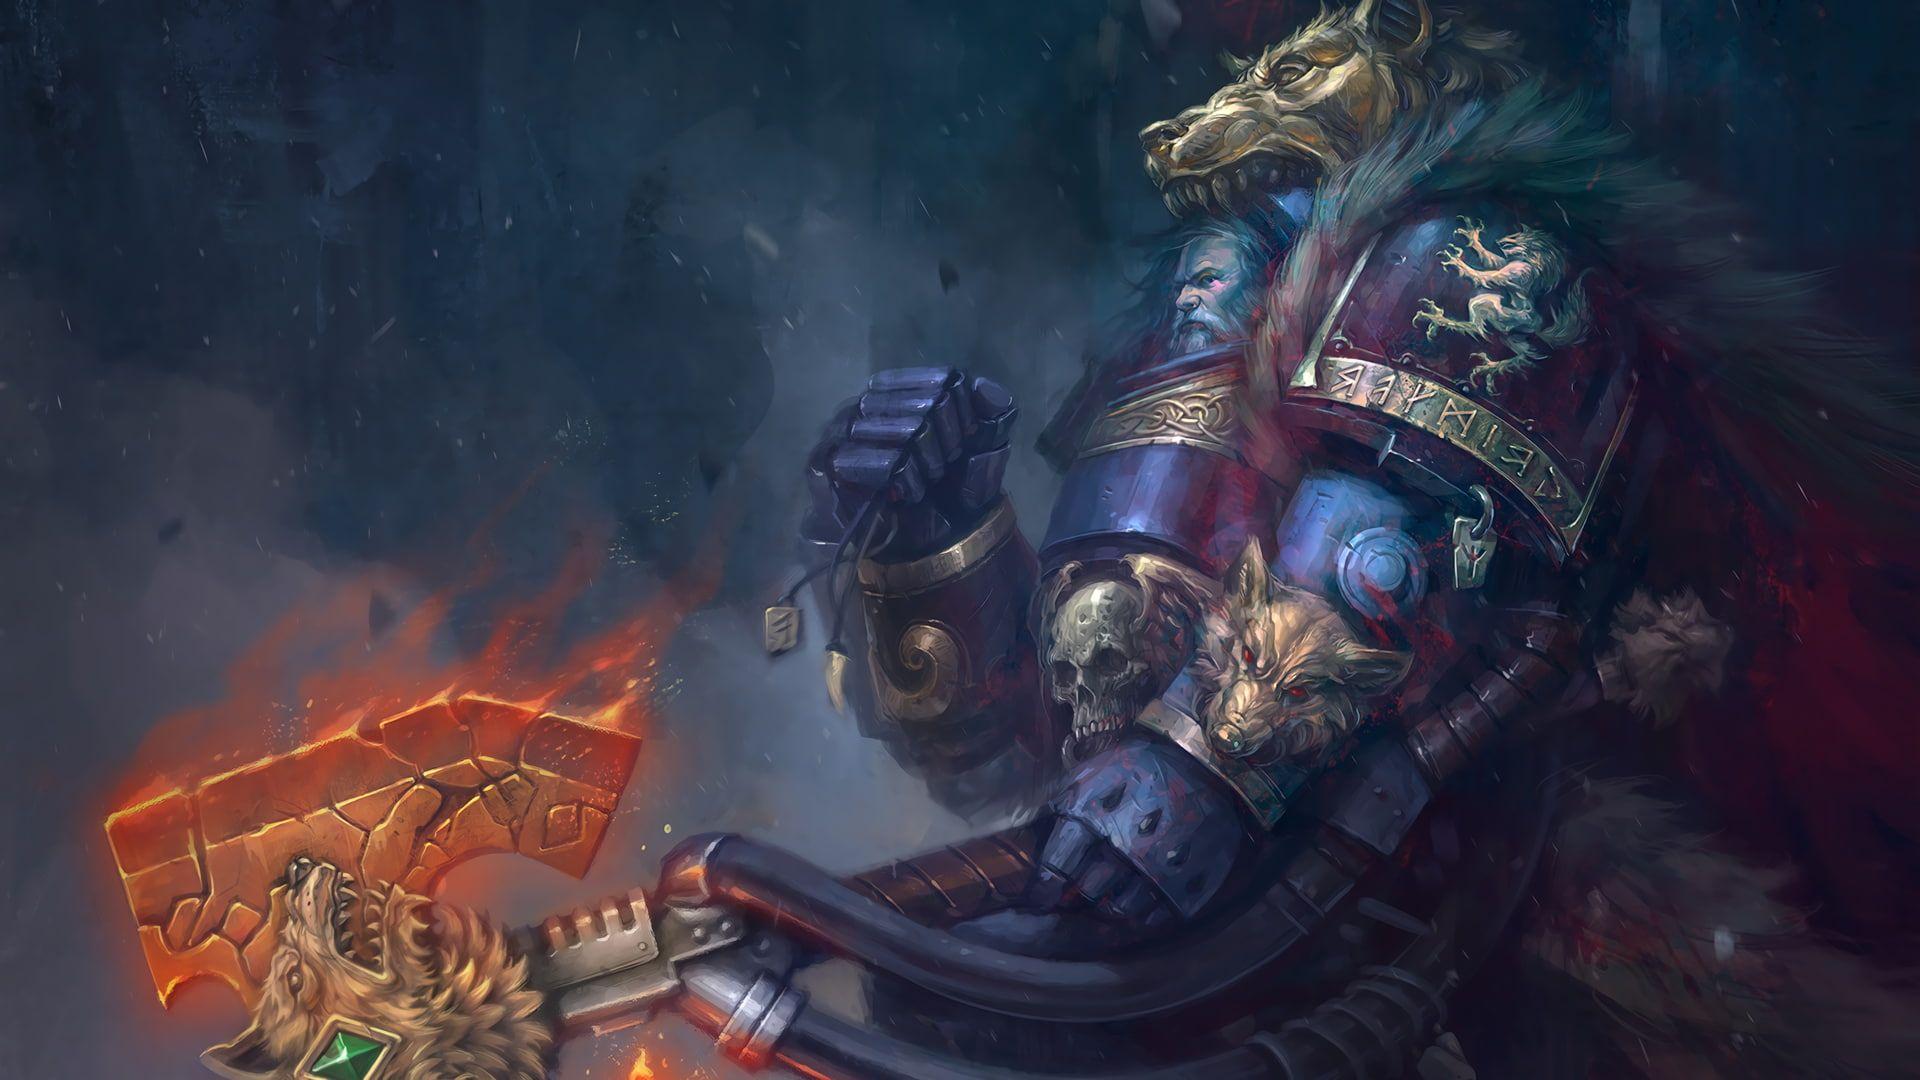 Warhammer Warhammer 40k Logan Grimnar 1080p Wallpaper Hdwallpaper Desktop In 2020 Space Marine Warhammer Warhammer 40k